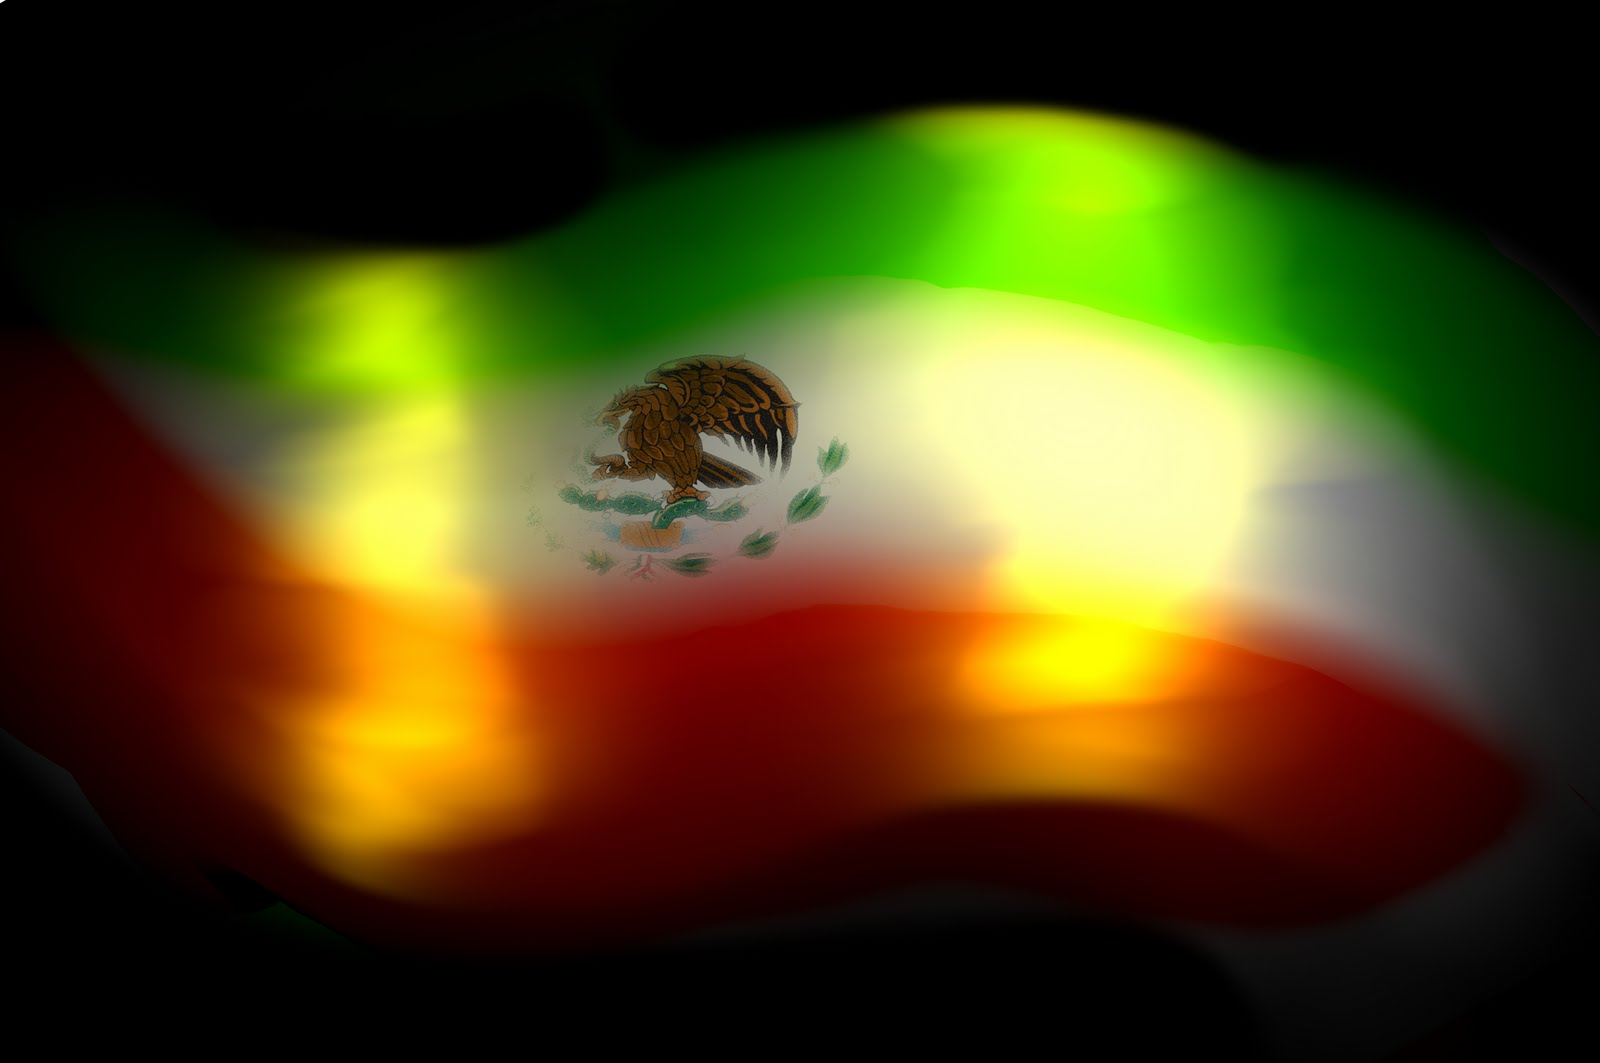 A la luz de la luna. - Página 3 Bandera__D_Mexico_by_Alipse